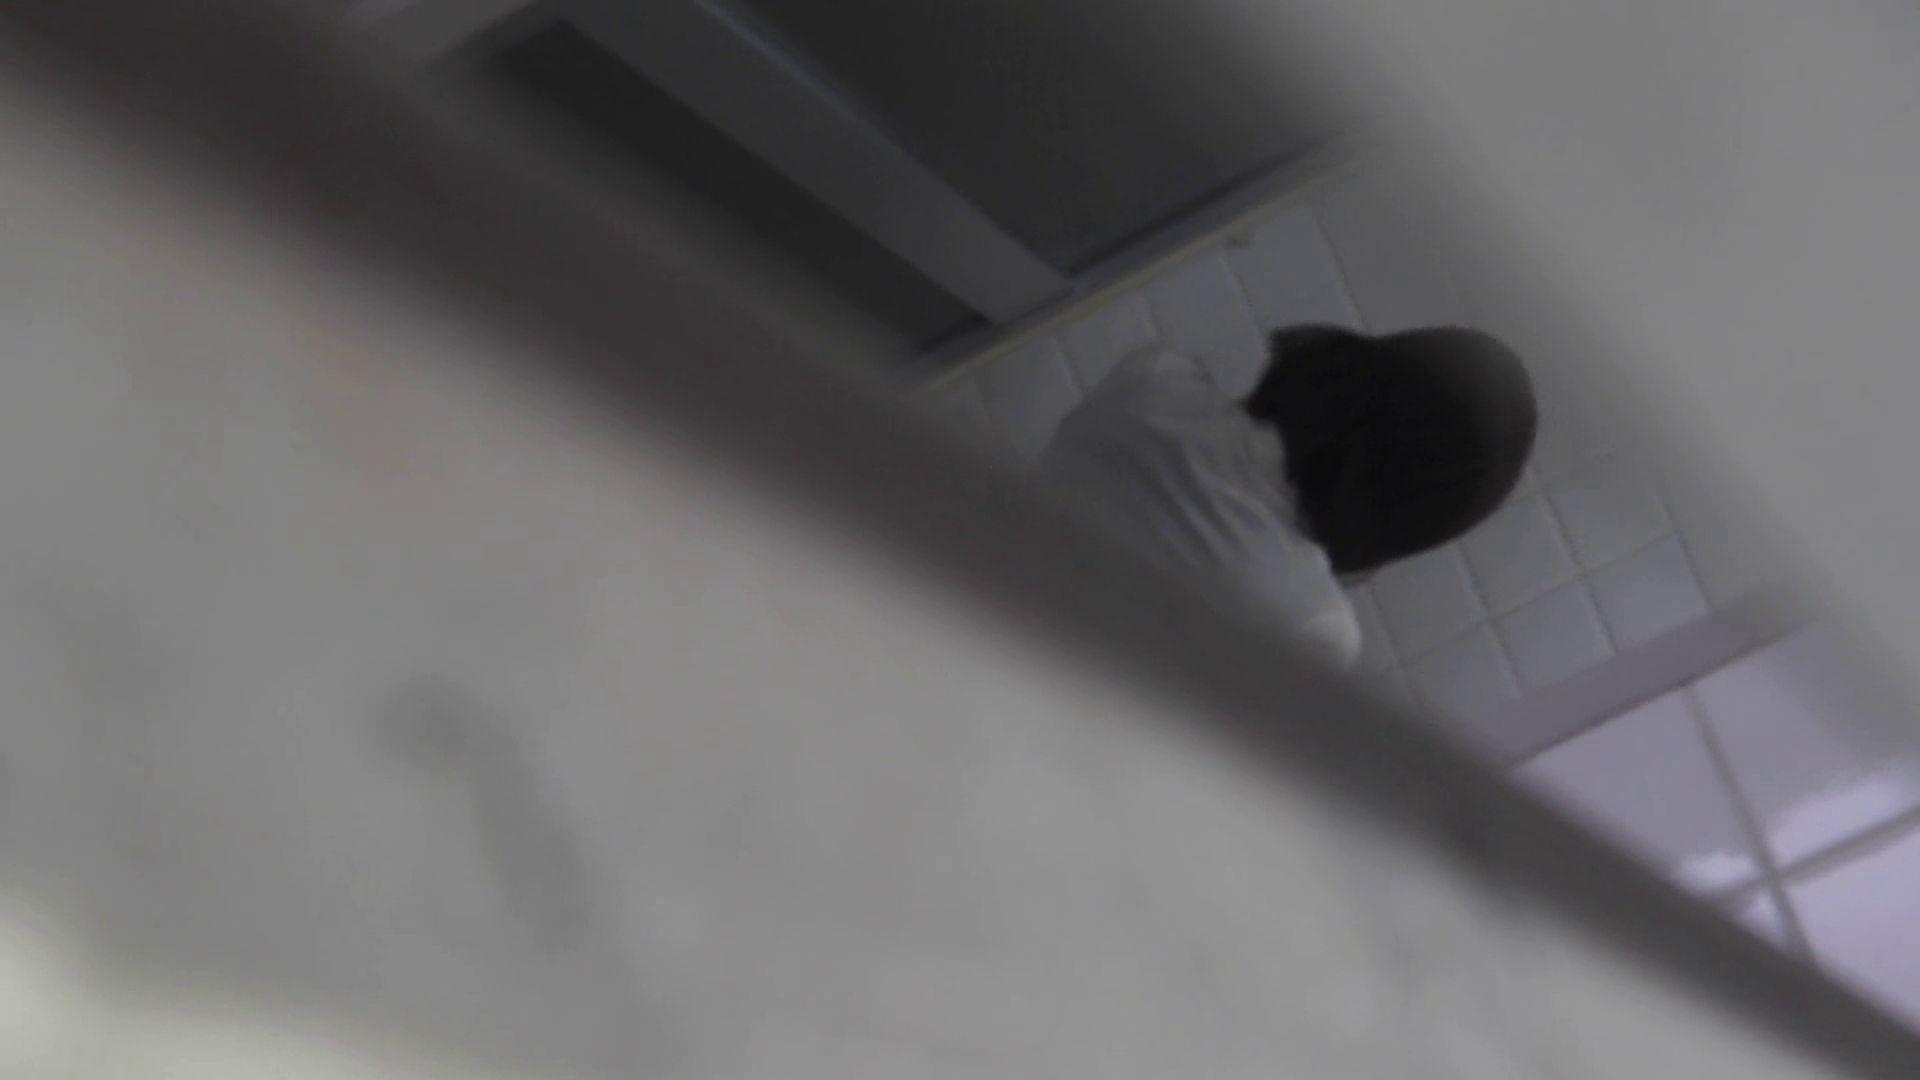 【美しき個室な世界】 vol.025 メガネ属性ヾ(´∀`)ノ 高画質 濡れ場動画紹介 84画像 32